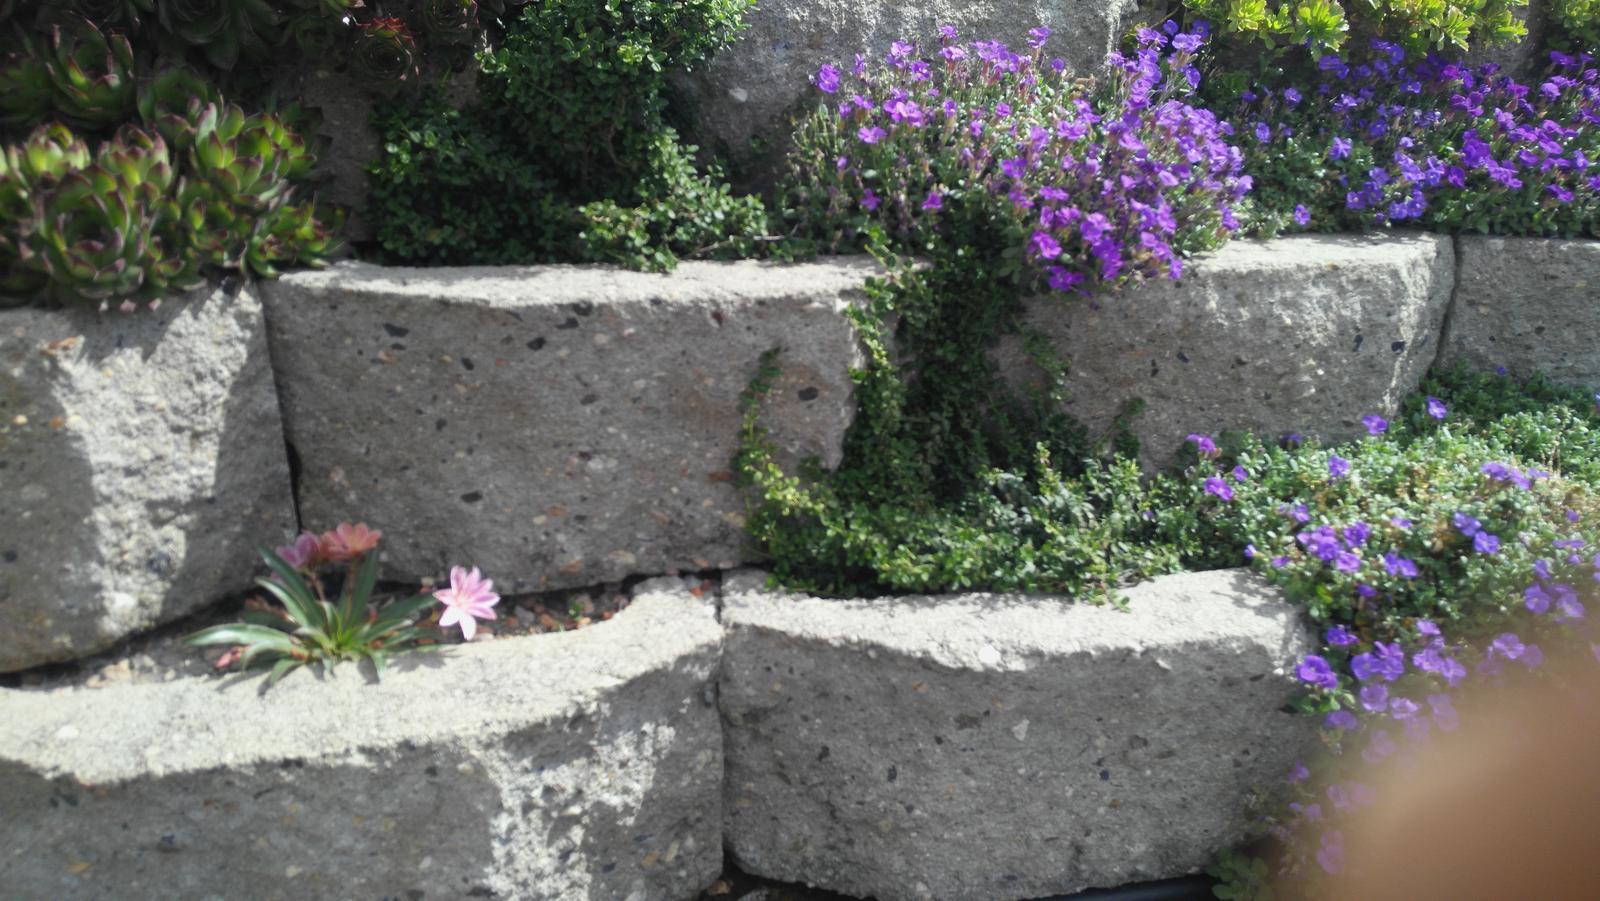 07 Vegetačný oporný múr sa na jar prebúdza ( rozšírené 19.6.2020 ) - 2020 04 14 Fialové sú tu opäť